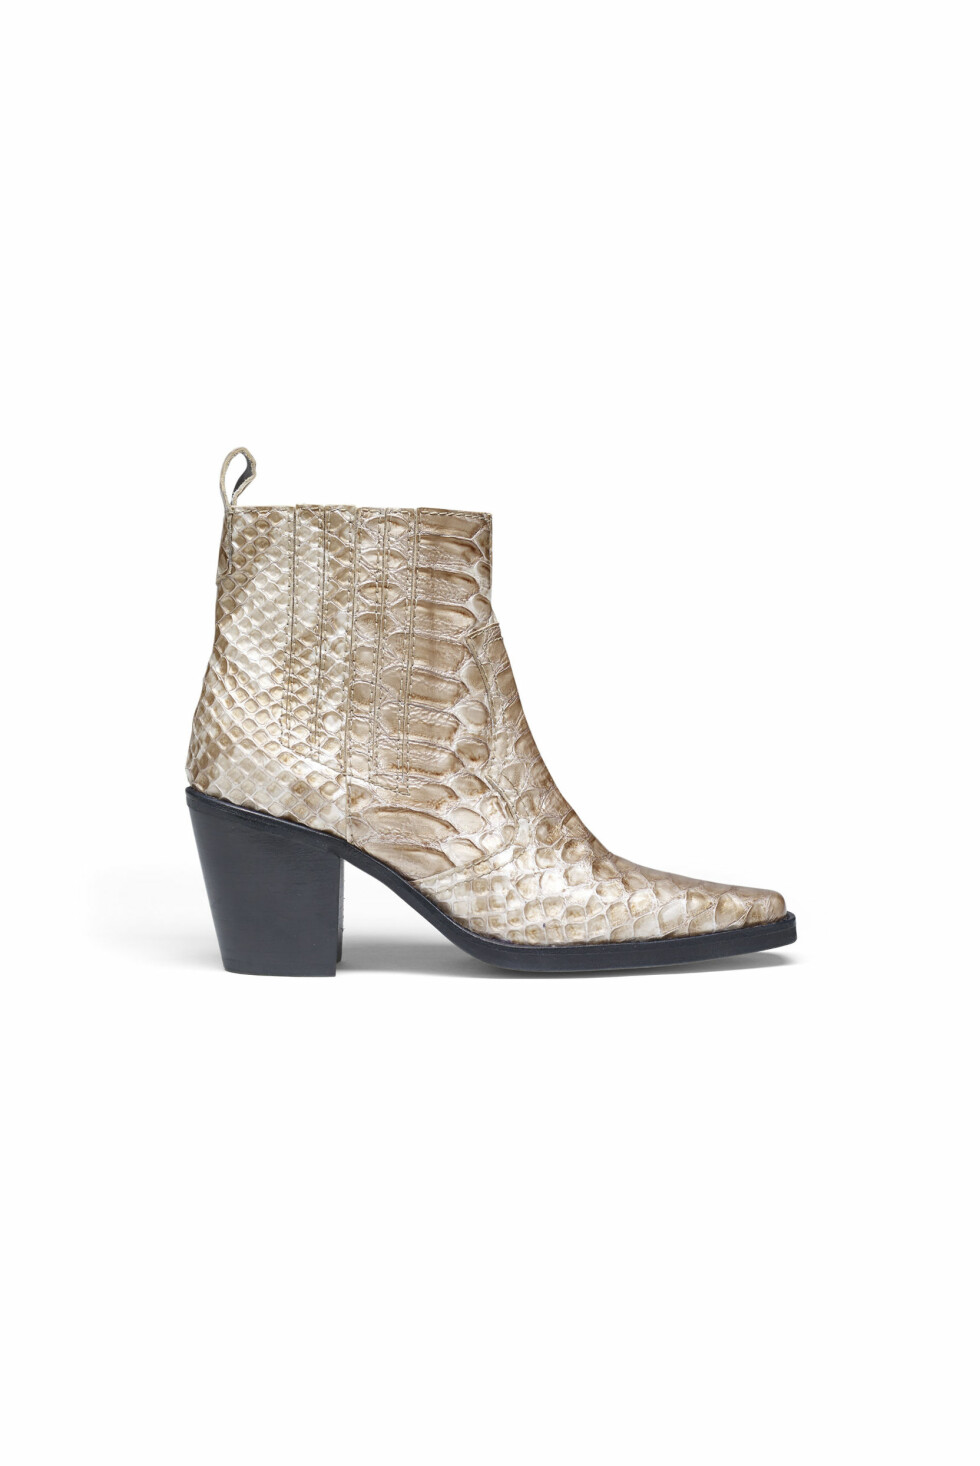 Sko fra Ganni  4199,-  http://www.ganni.com/en/dahlia-snake-ankle-boots/S0560.html?dwvar_S0560_color=Cuban%20Snake